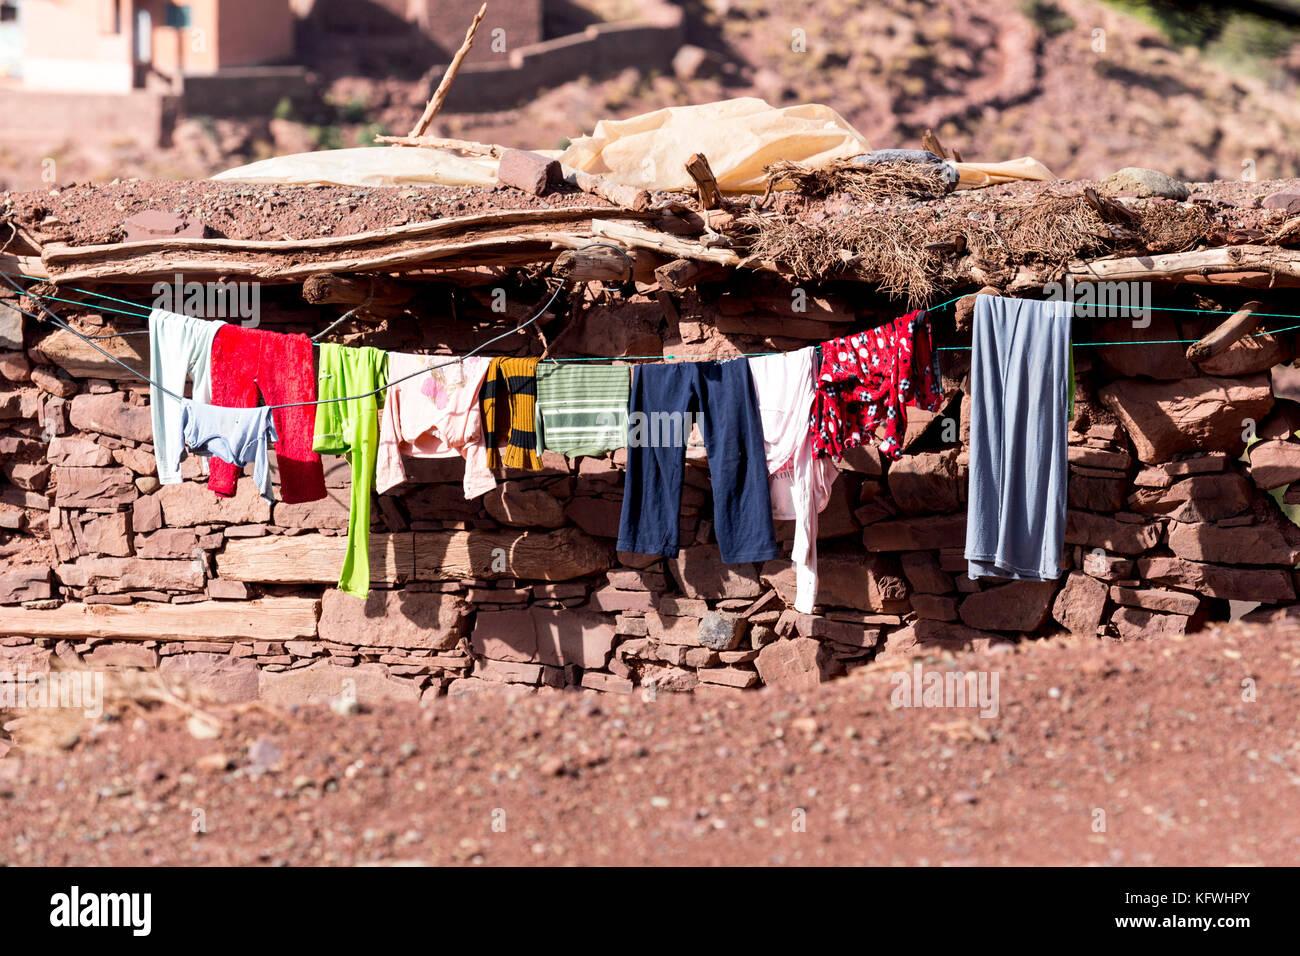 Megdaz, Marruecos, el 15 de octubre, 2017: un hogar en megdaz, un tradicional pueblo bereber situado en las montañas Imagen De Stock